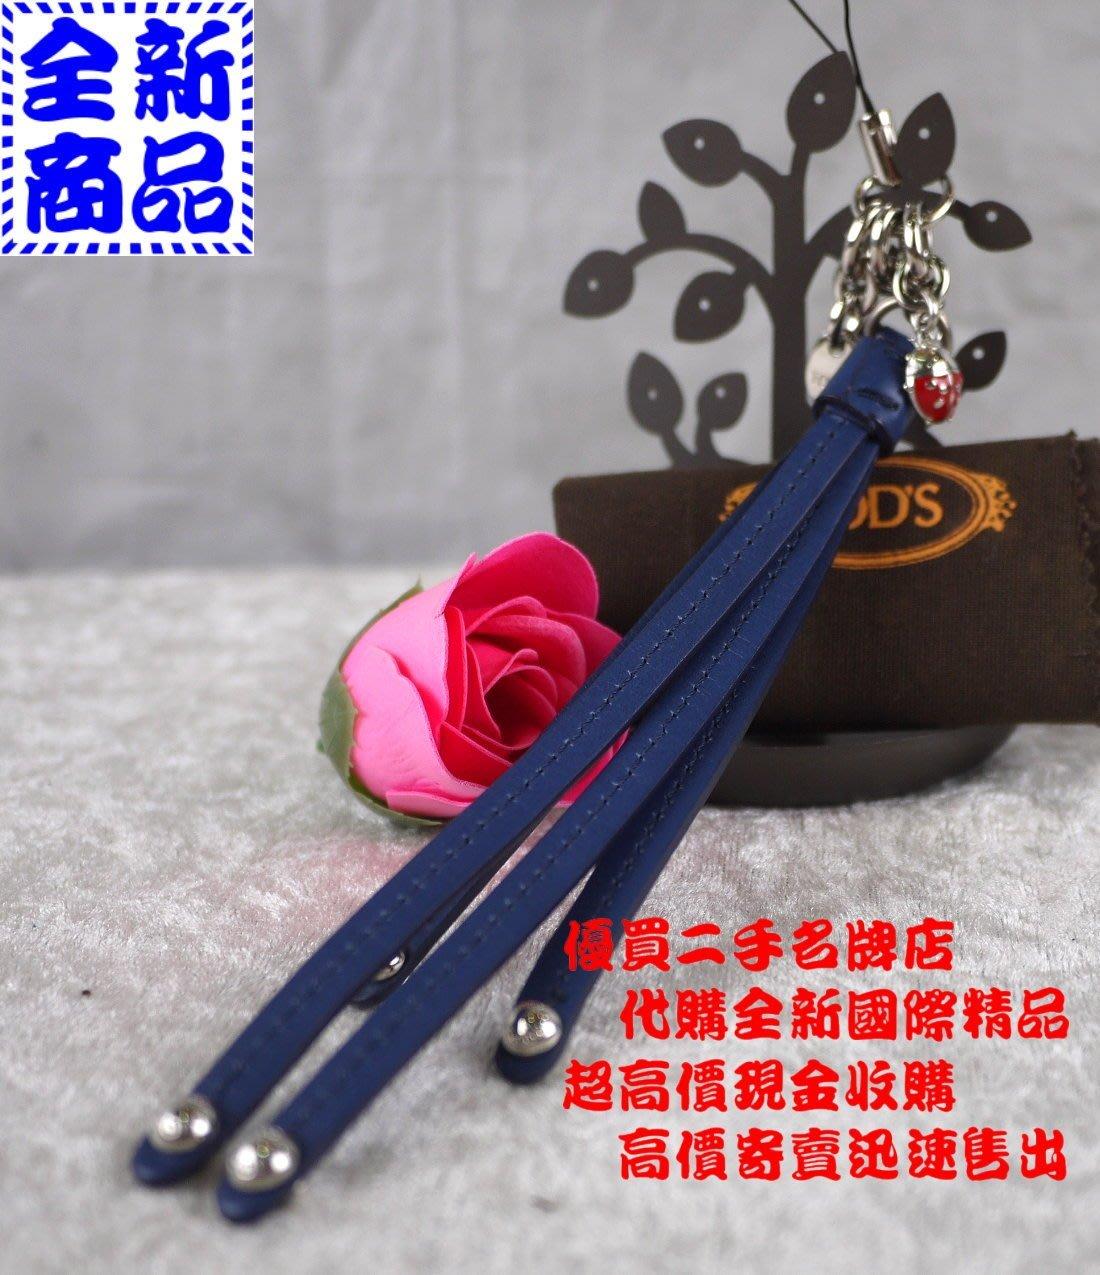 優買二手精品名牌店  TOD S 藍色 全皮 流蘇 卯釘 瓢蟲 吊飾 手機 掛飾『全新商品』